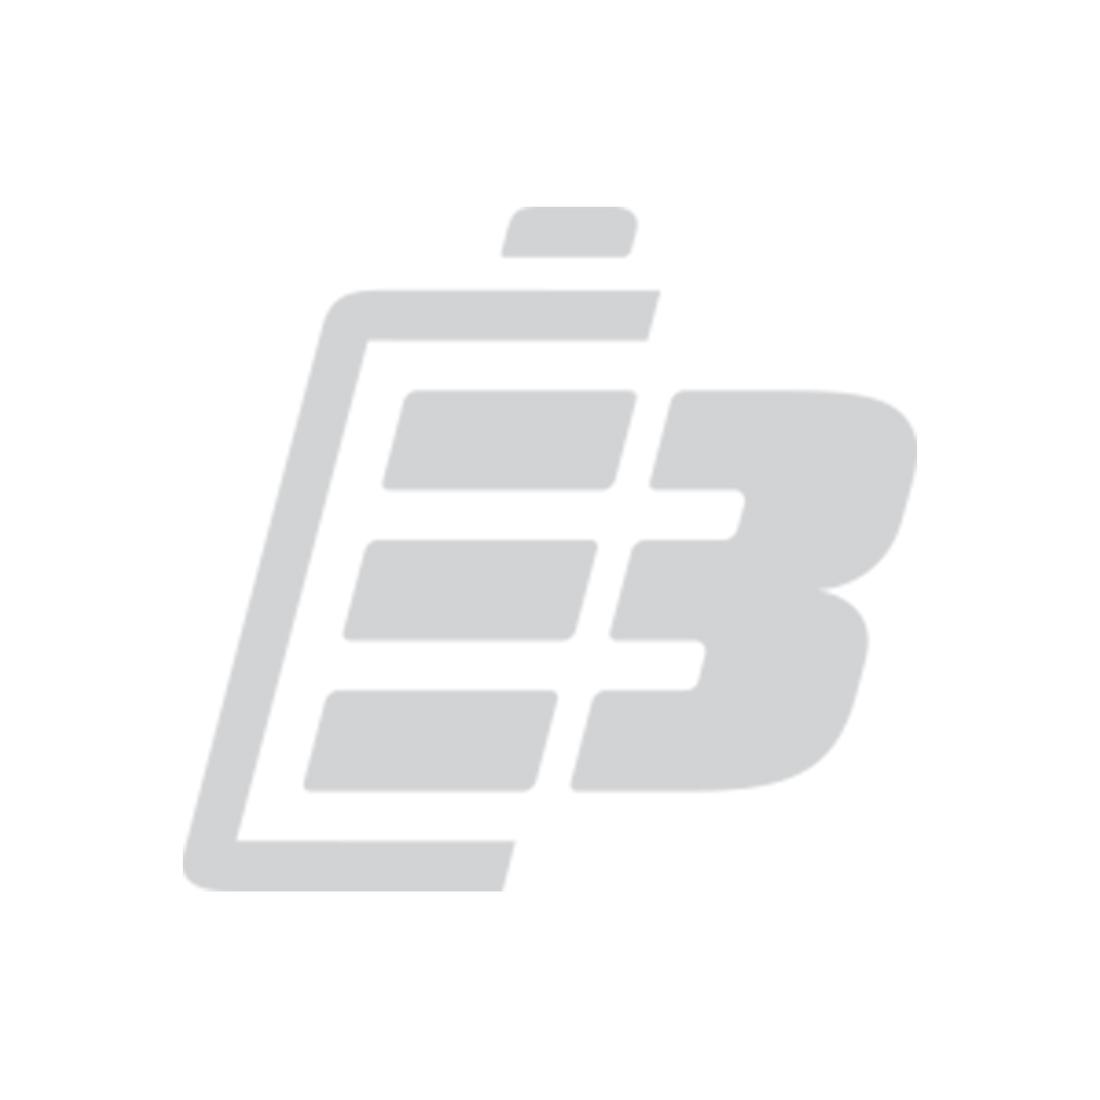 Olight S2R Baton LED flashlight 1